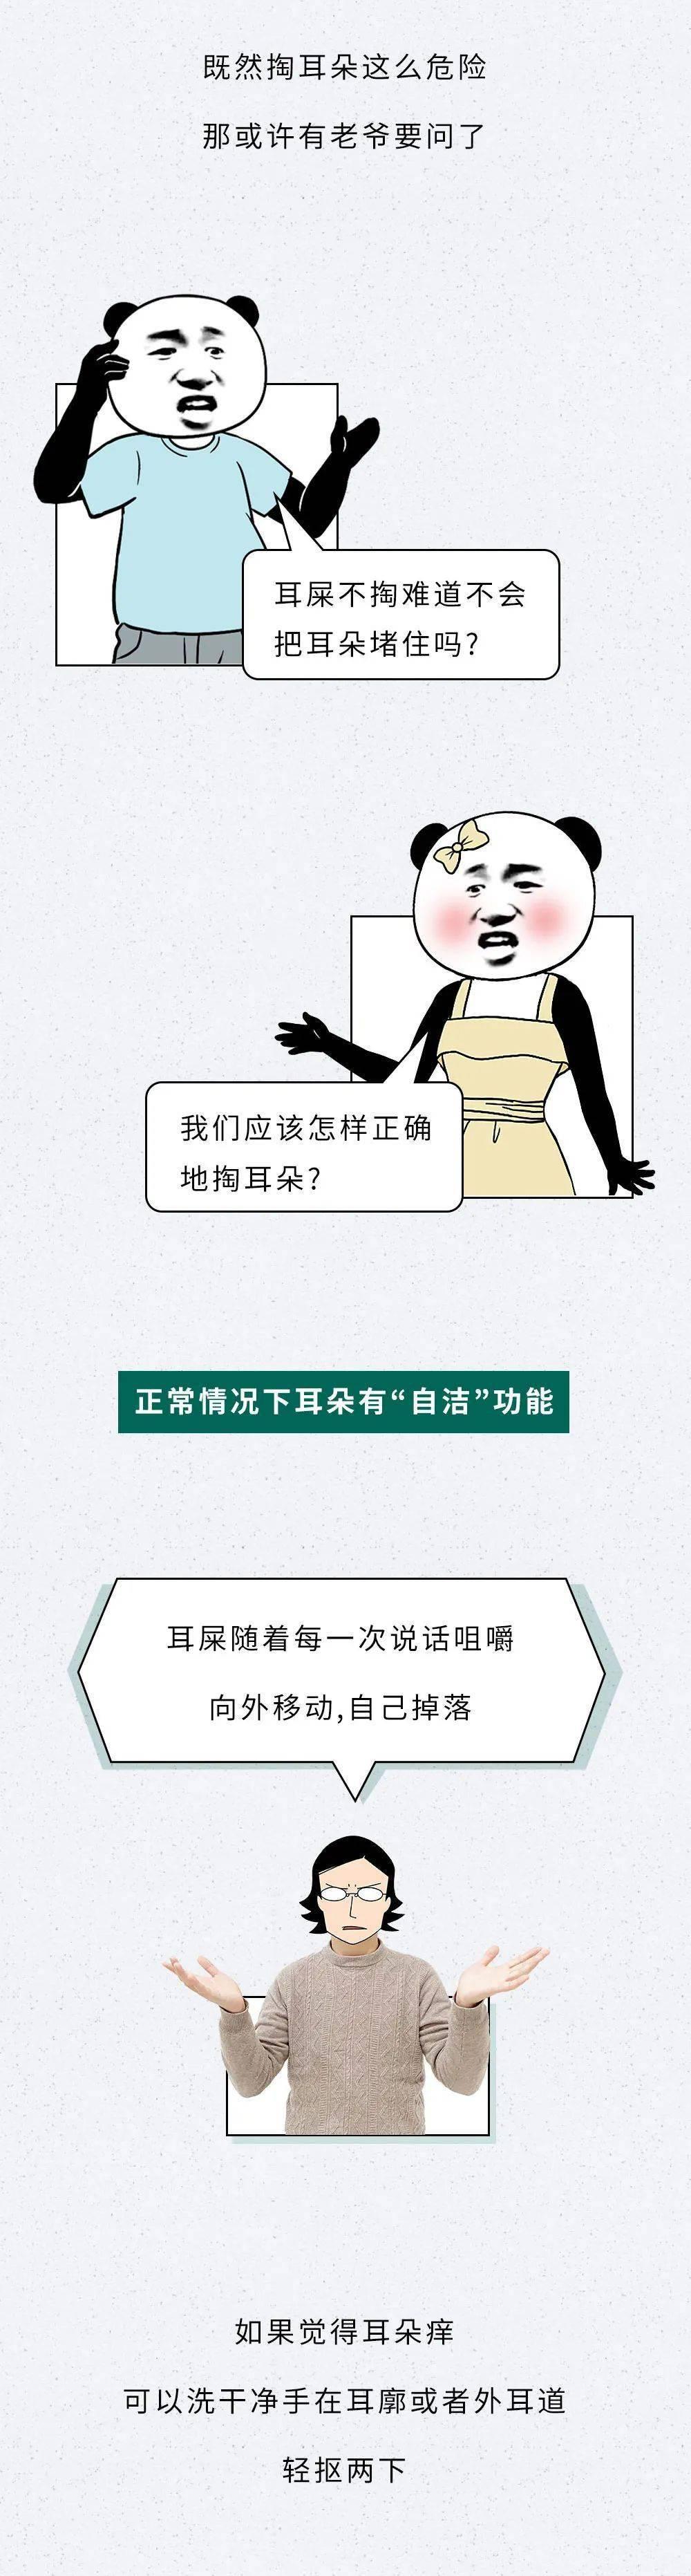 赢咖4平台招商-首页【1.1.8】